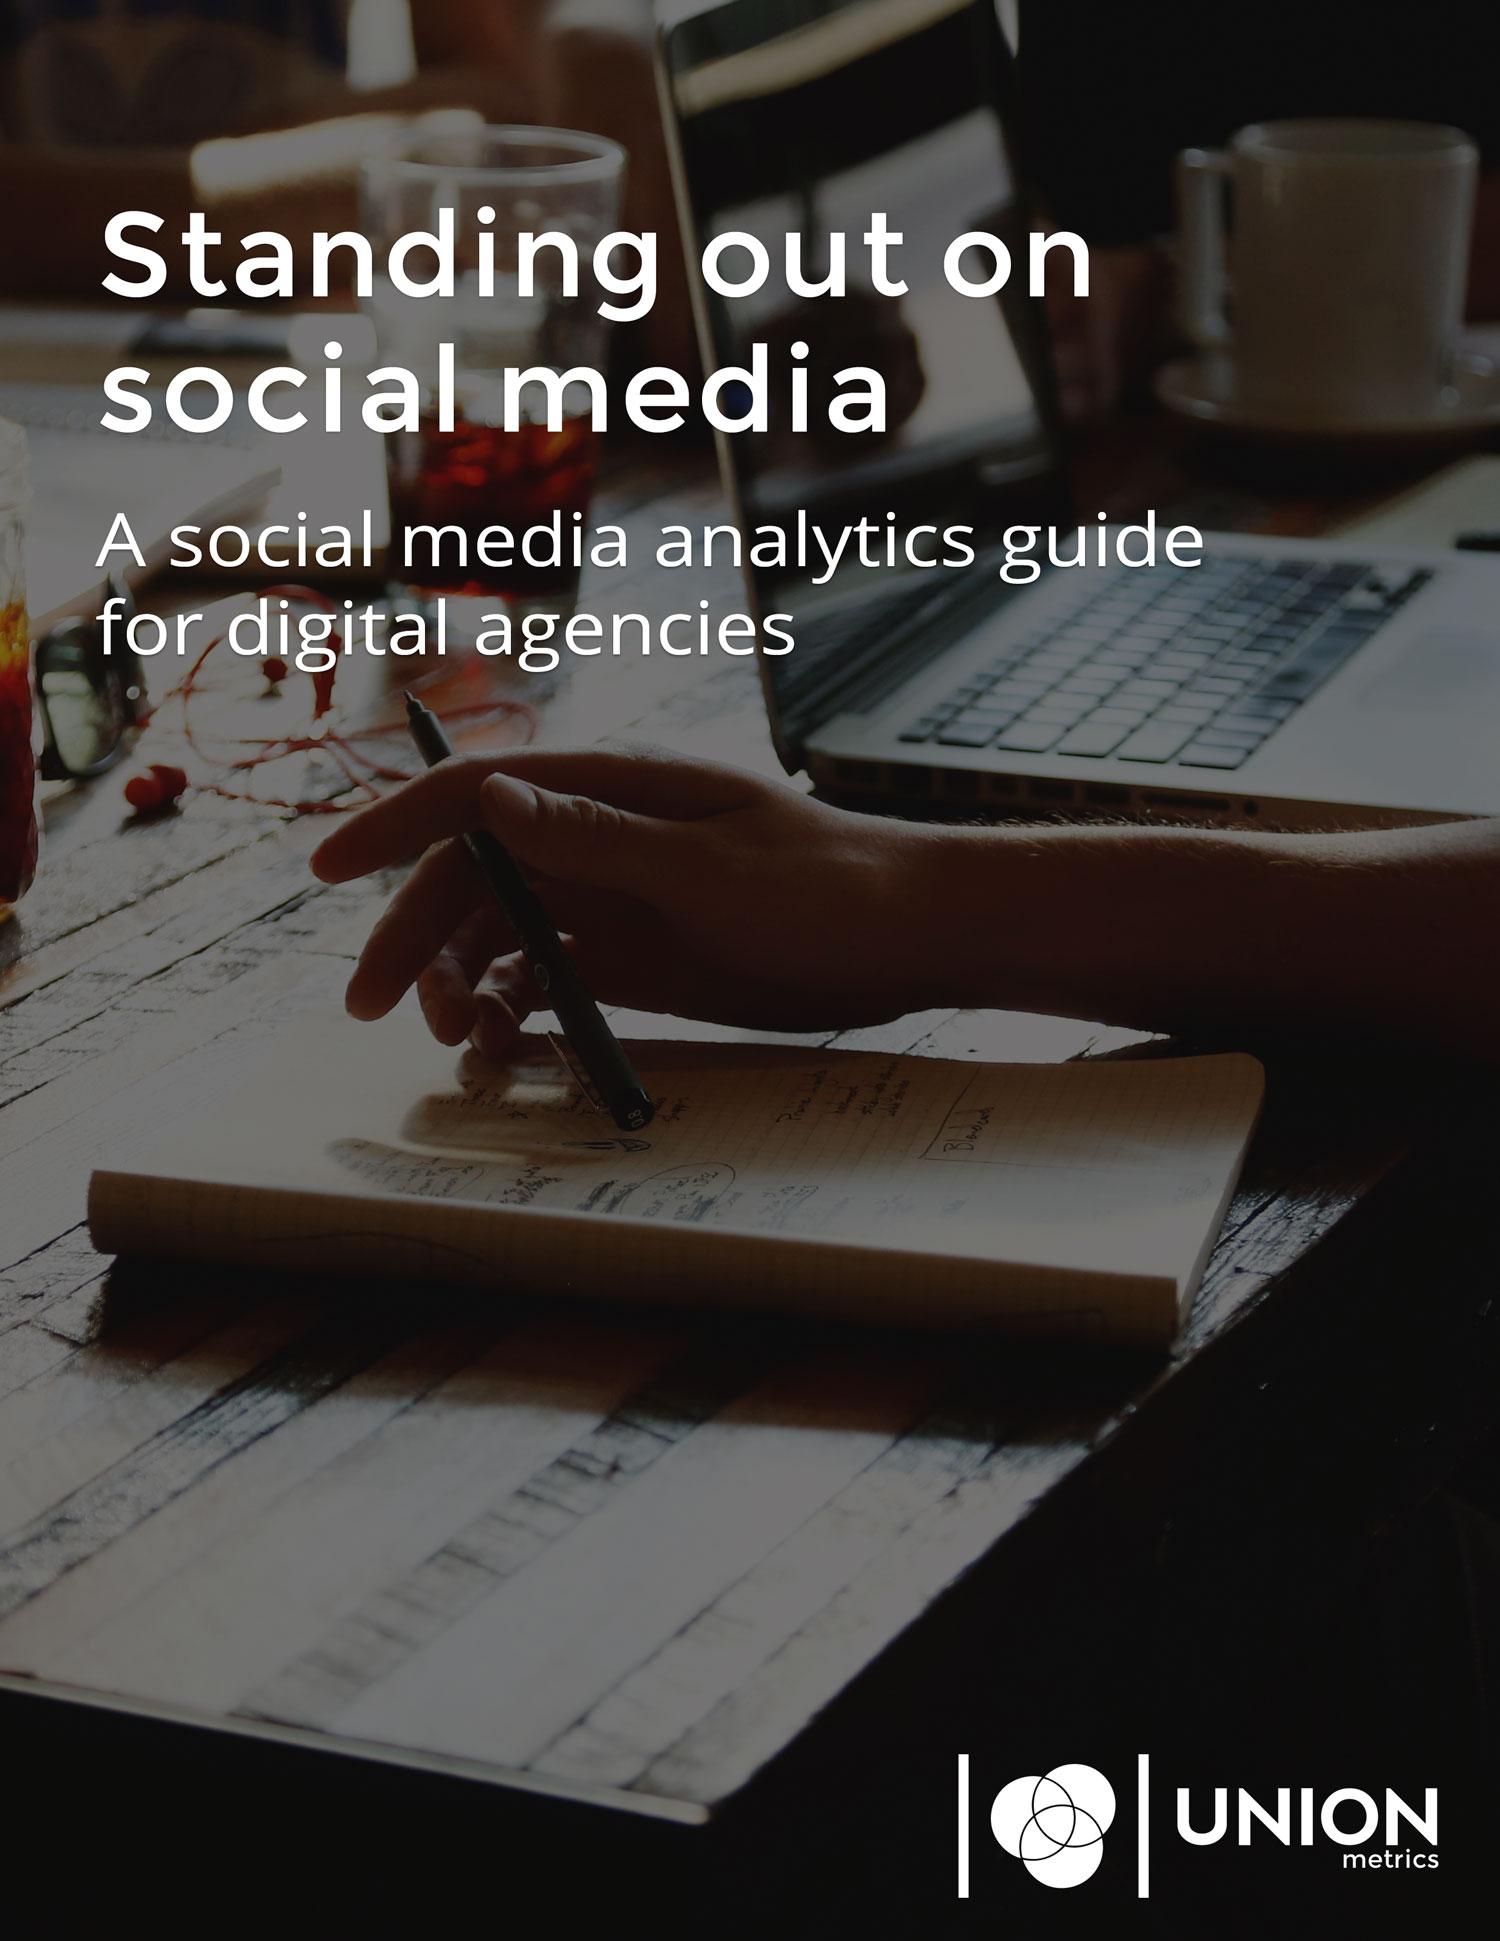 Social media analytics guide for agencies